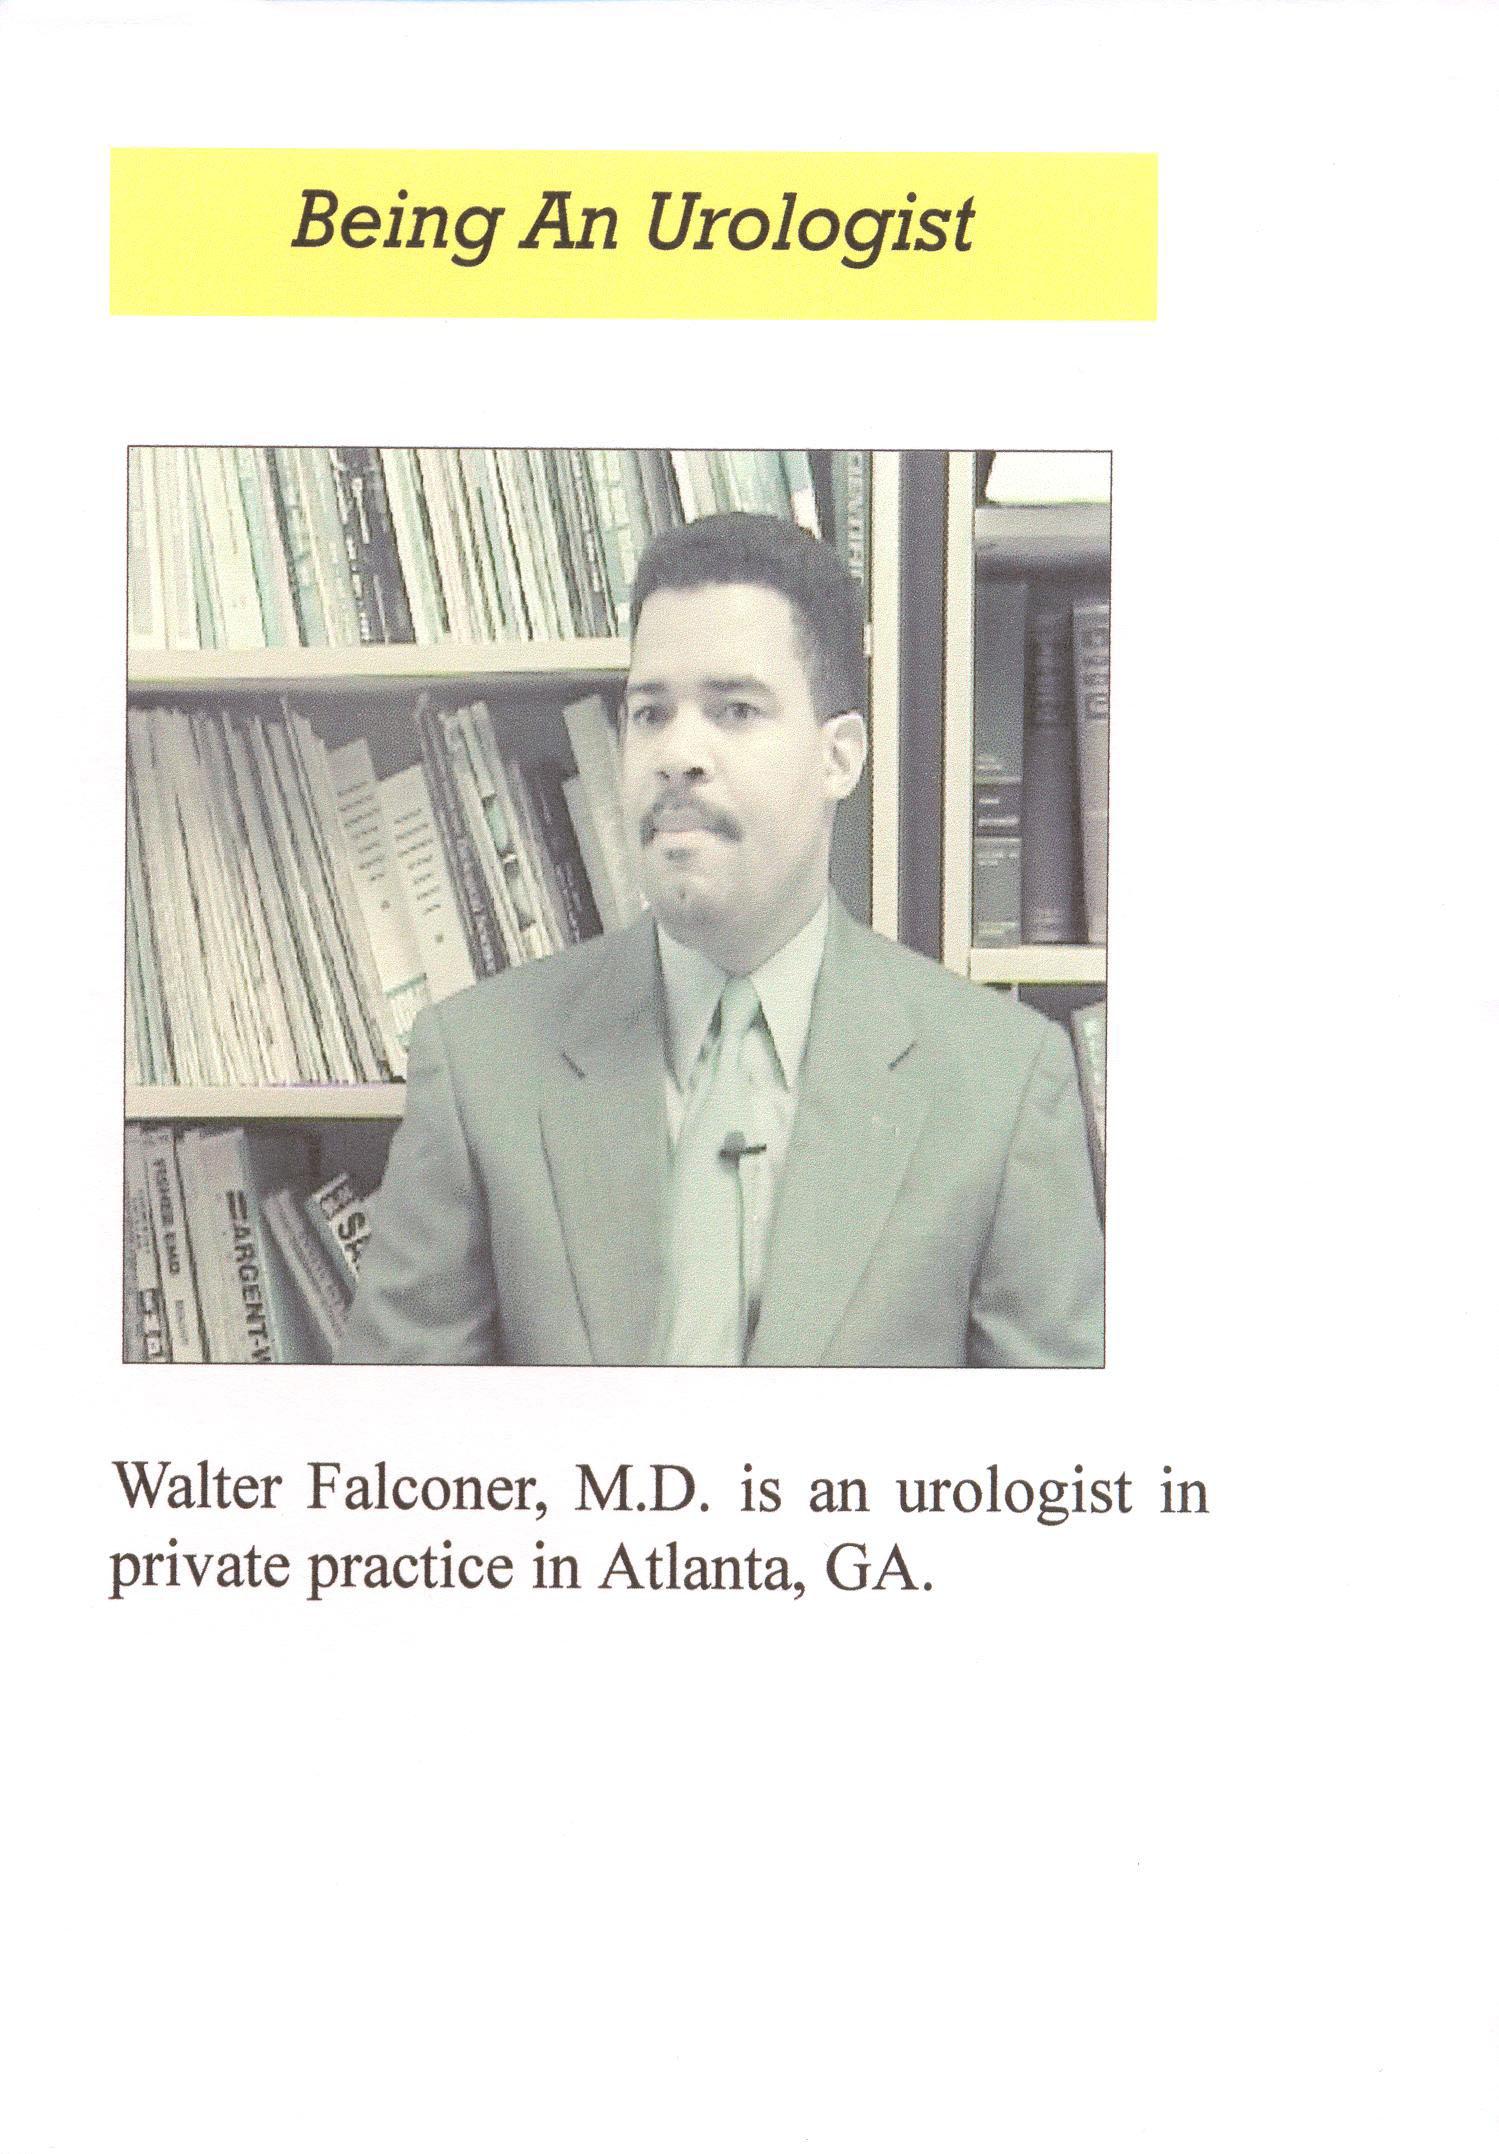 Being a Urologist